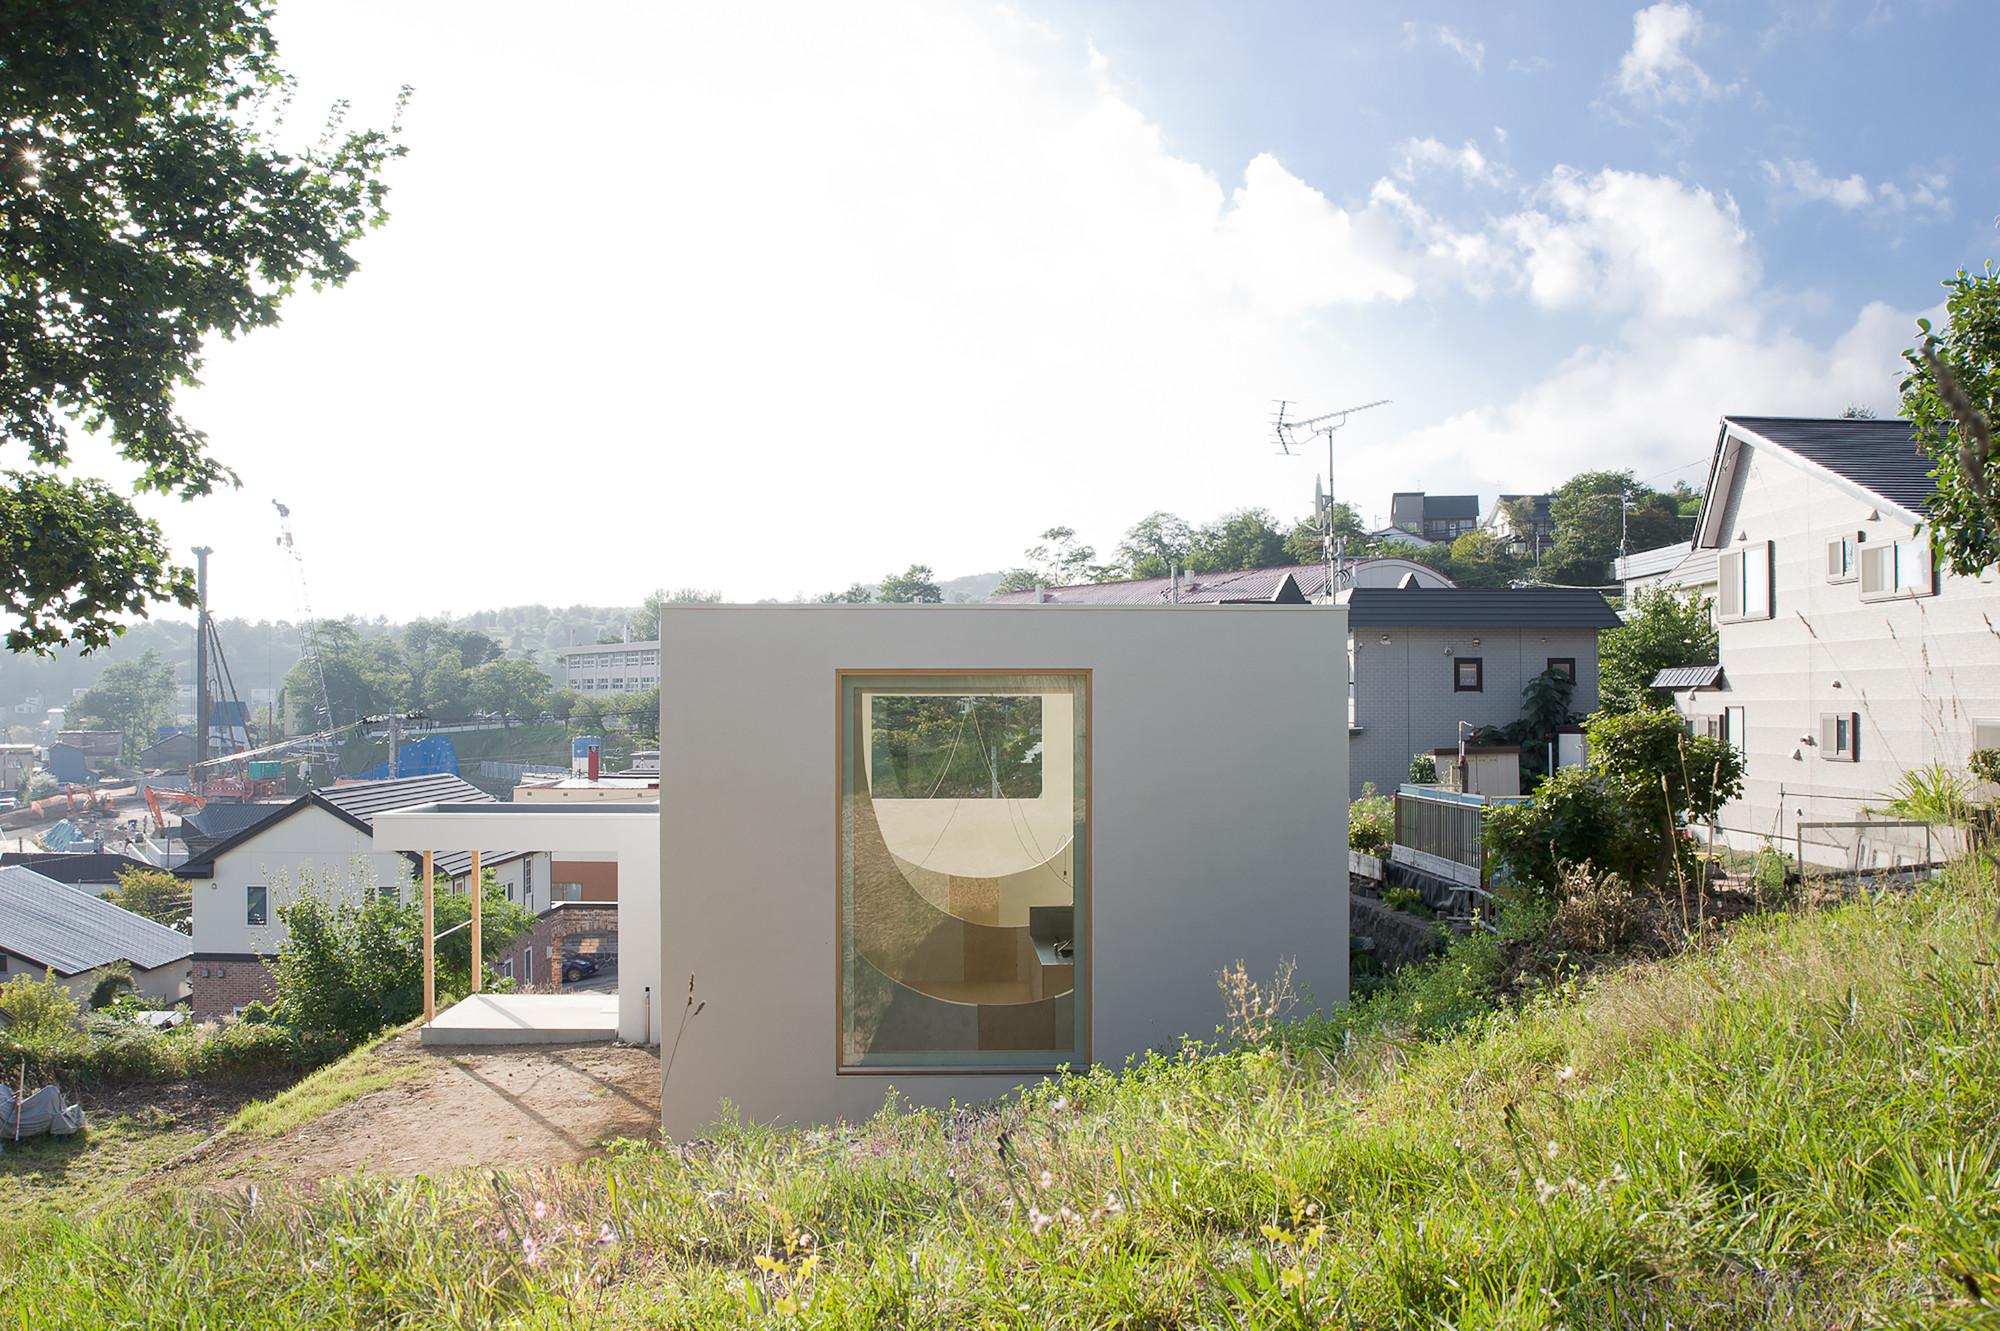 Brother's House / Hiroshi Kuno + Associates, Courtesy of Hiroshi Kuno + Associates